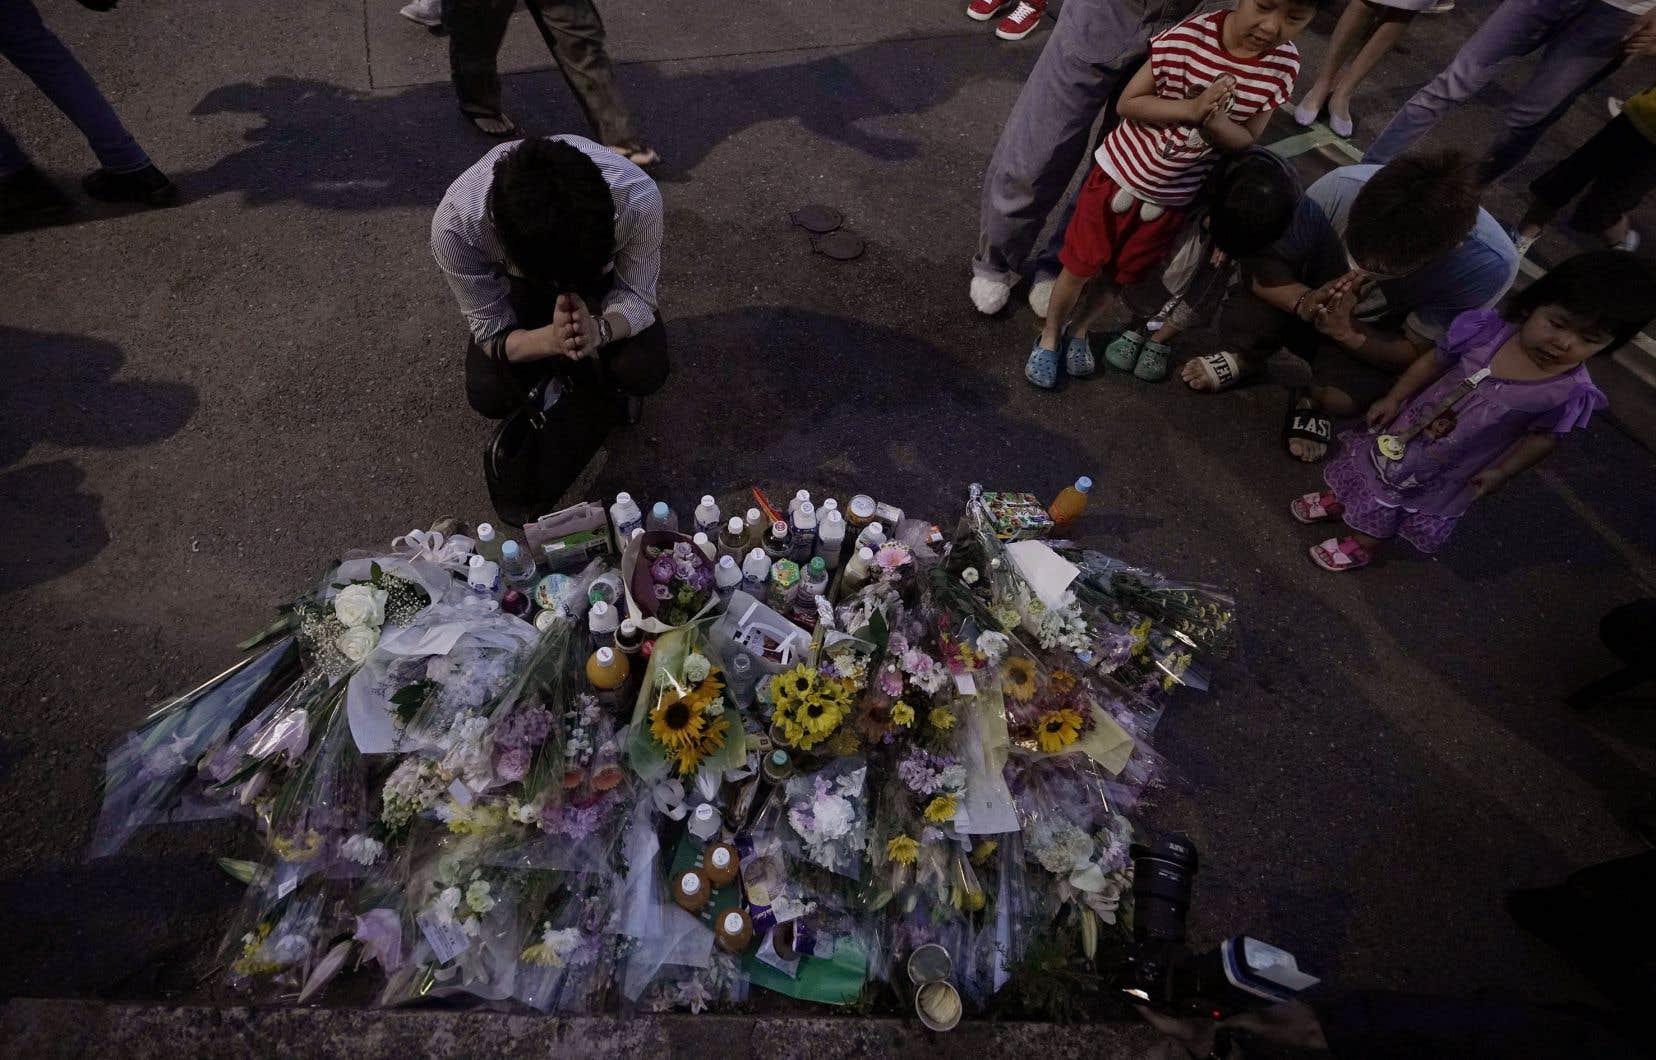 Des gens rendent hommage des victimes de l'attaque au couteau devant un mémorial, mardi le 28 mai 2019 à Kawasaki, près de Tokyo.